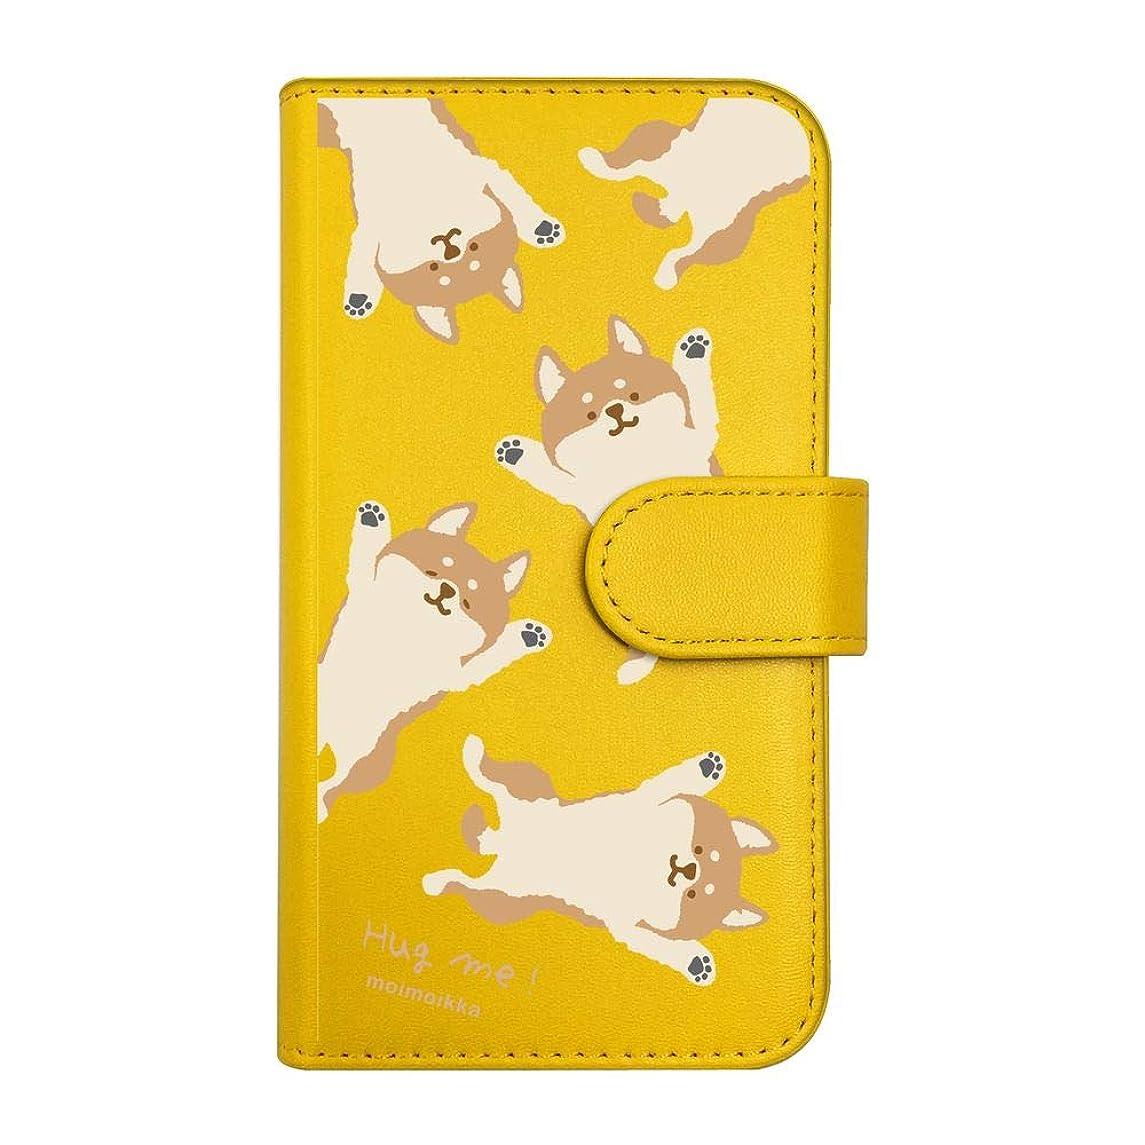 ベール禁じる万一に備えて【moimoikka】 iPodTouch5 アイポッドタッチ5 手帳型 スマホ ケース hug me 柴犬(総柄) しば 犬 アニマル 動物 キャラクター おしゃれ かわいい (カバー色イエロー) ダイアリータイプ 横開き カード収納 フリップ カバー スマートフォン モイモイッカ sslink